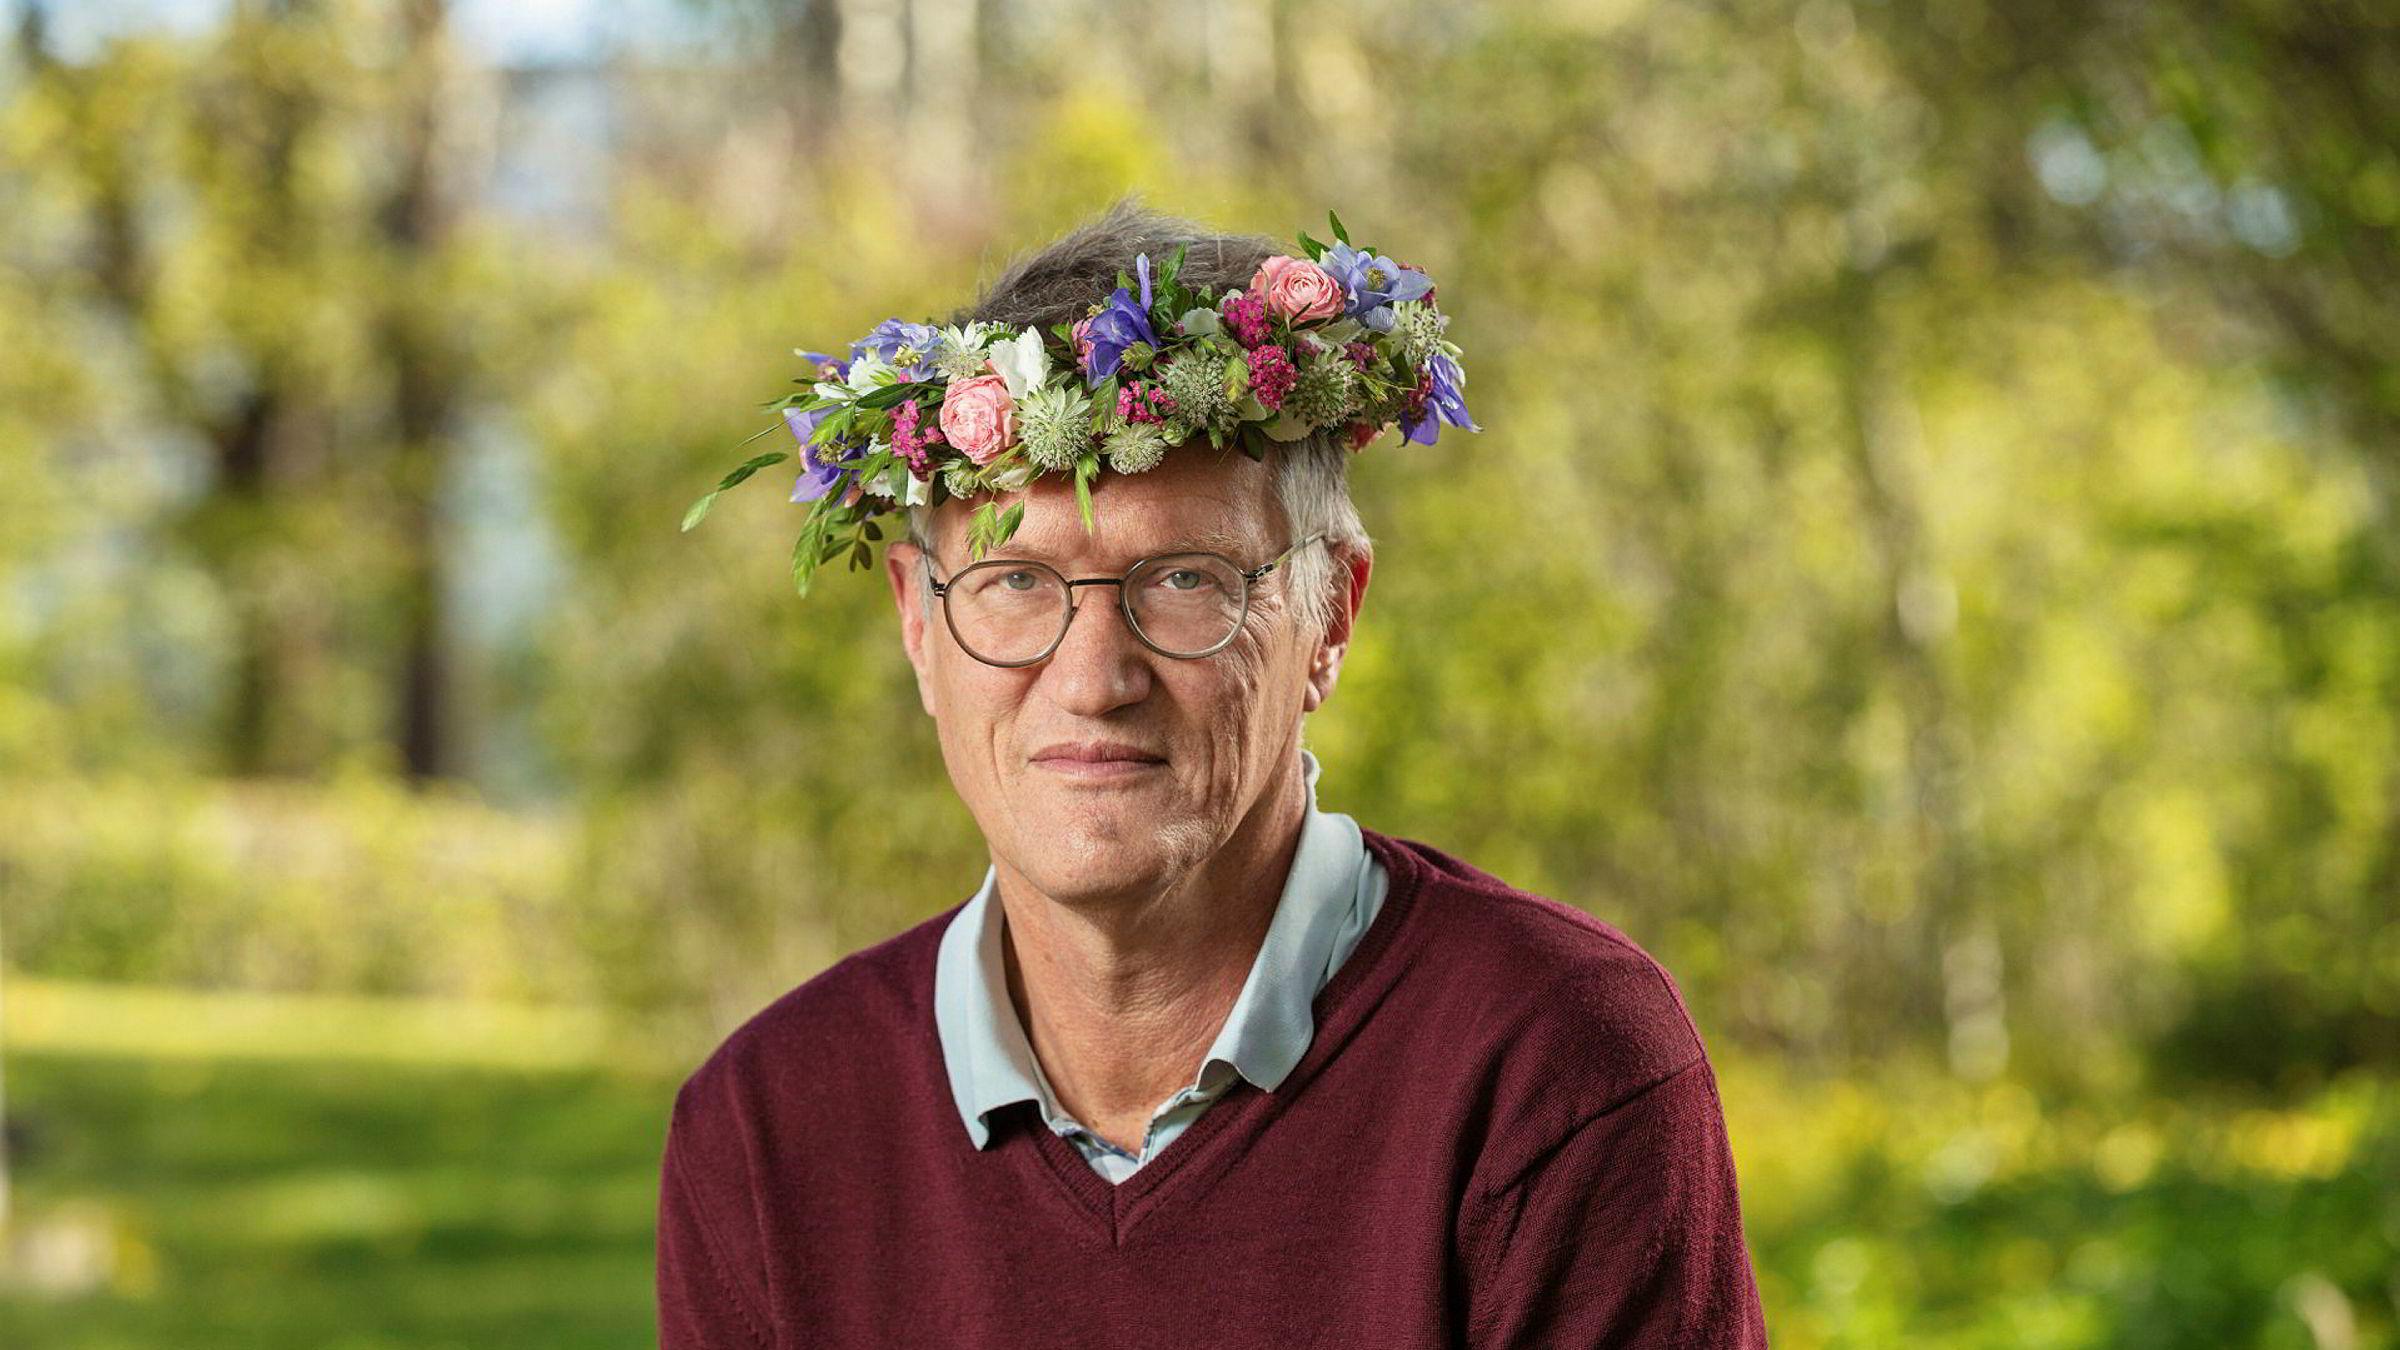 På radioprogrammet «Sommar i P1» nylig, gjentok statsepidemiolog Anders Tegnell at de høye dødstallene i Sverige primært skyldes svikt i eldreomsorgen.